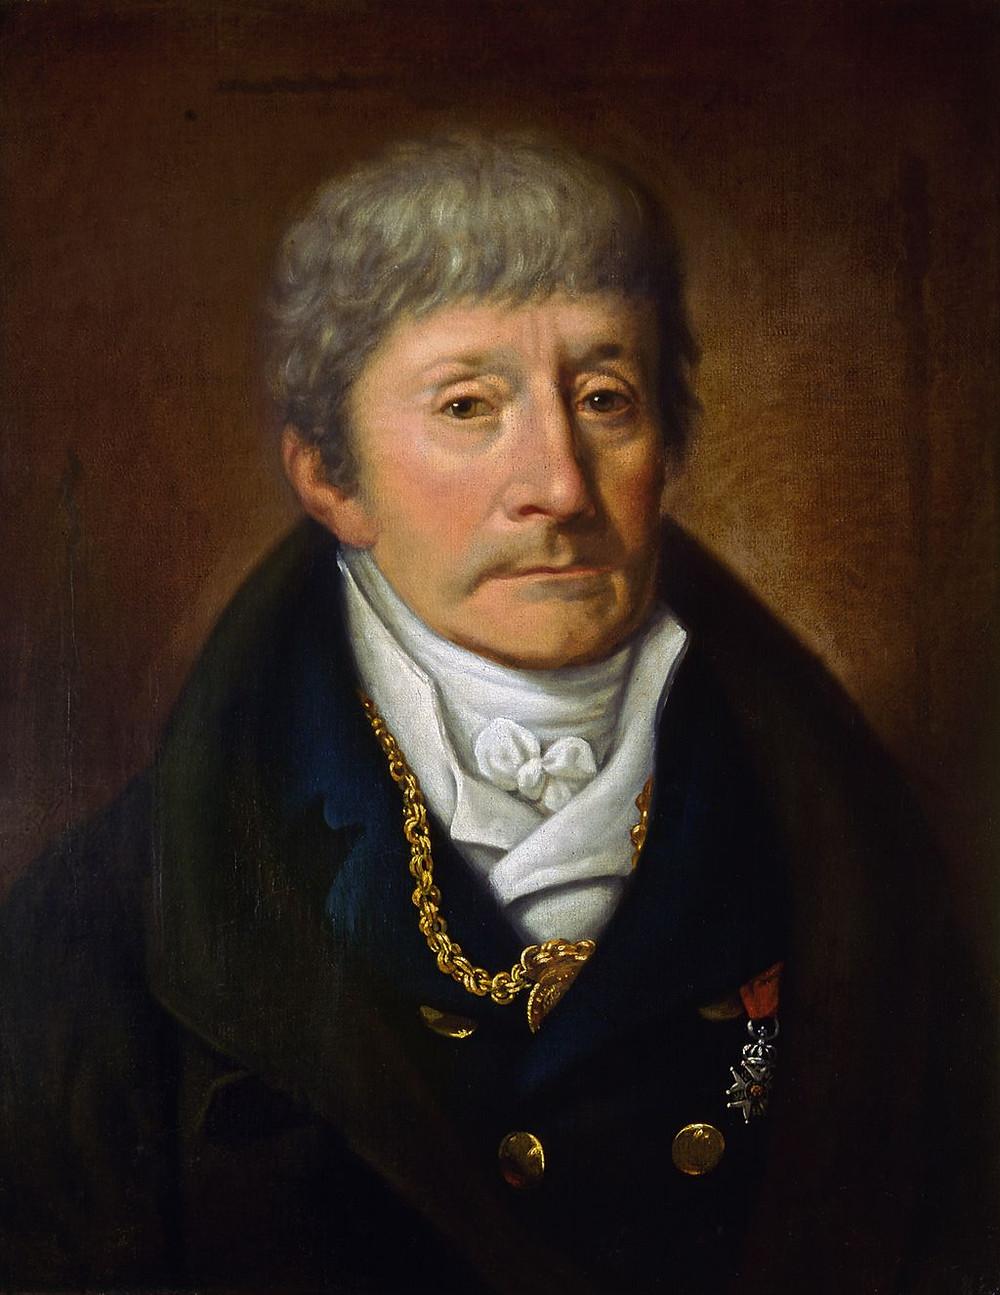 Salieri Portrait by J. W. Mähler